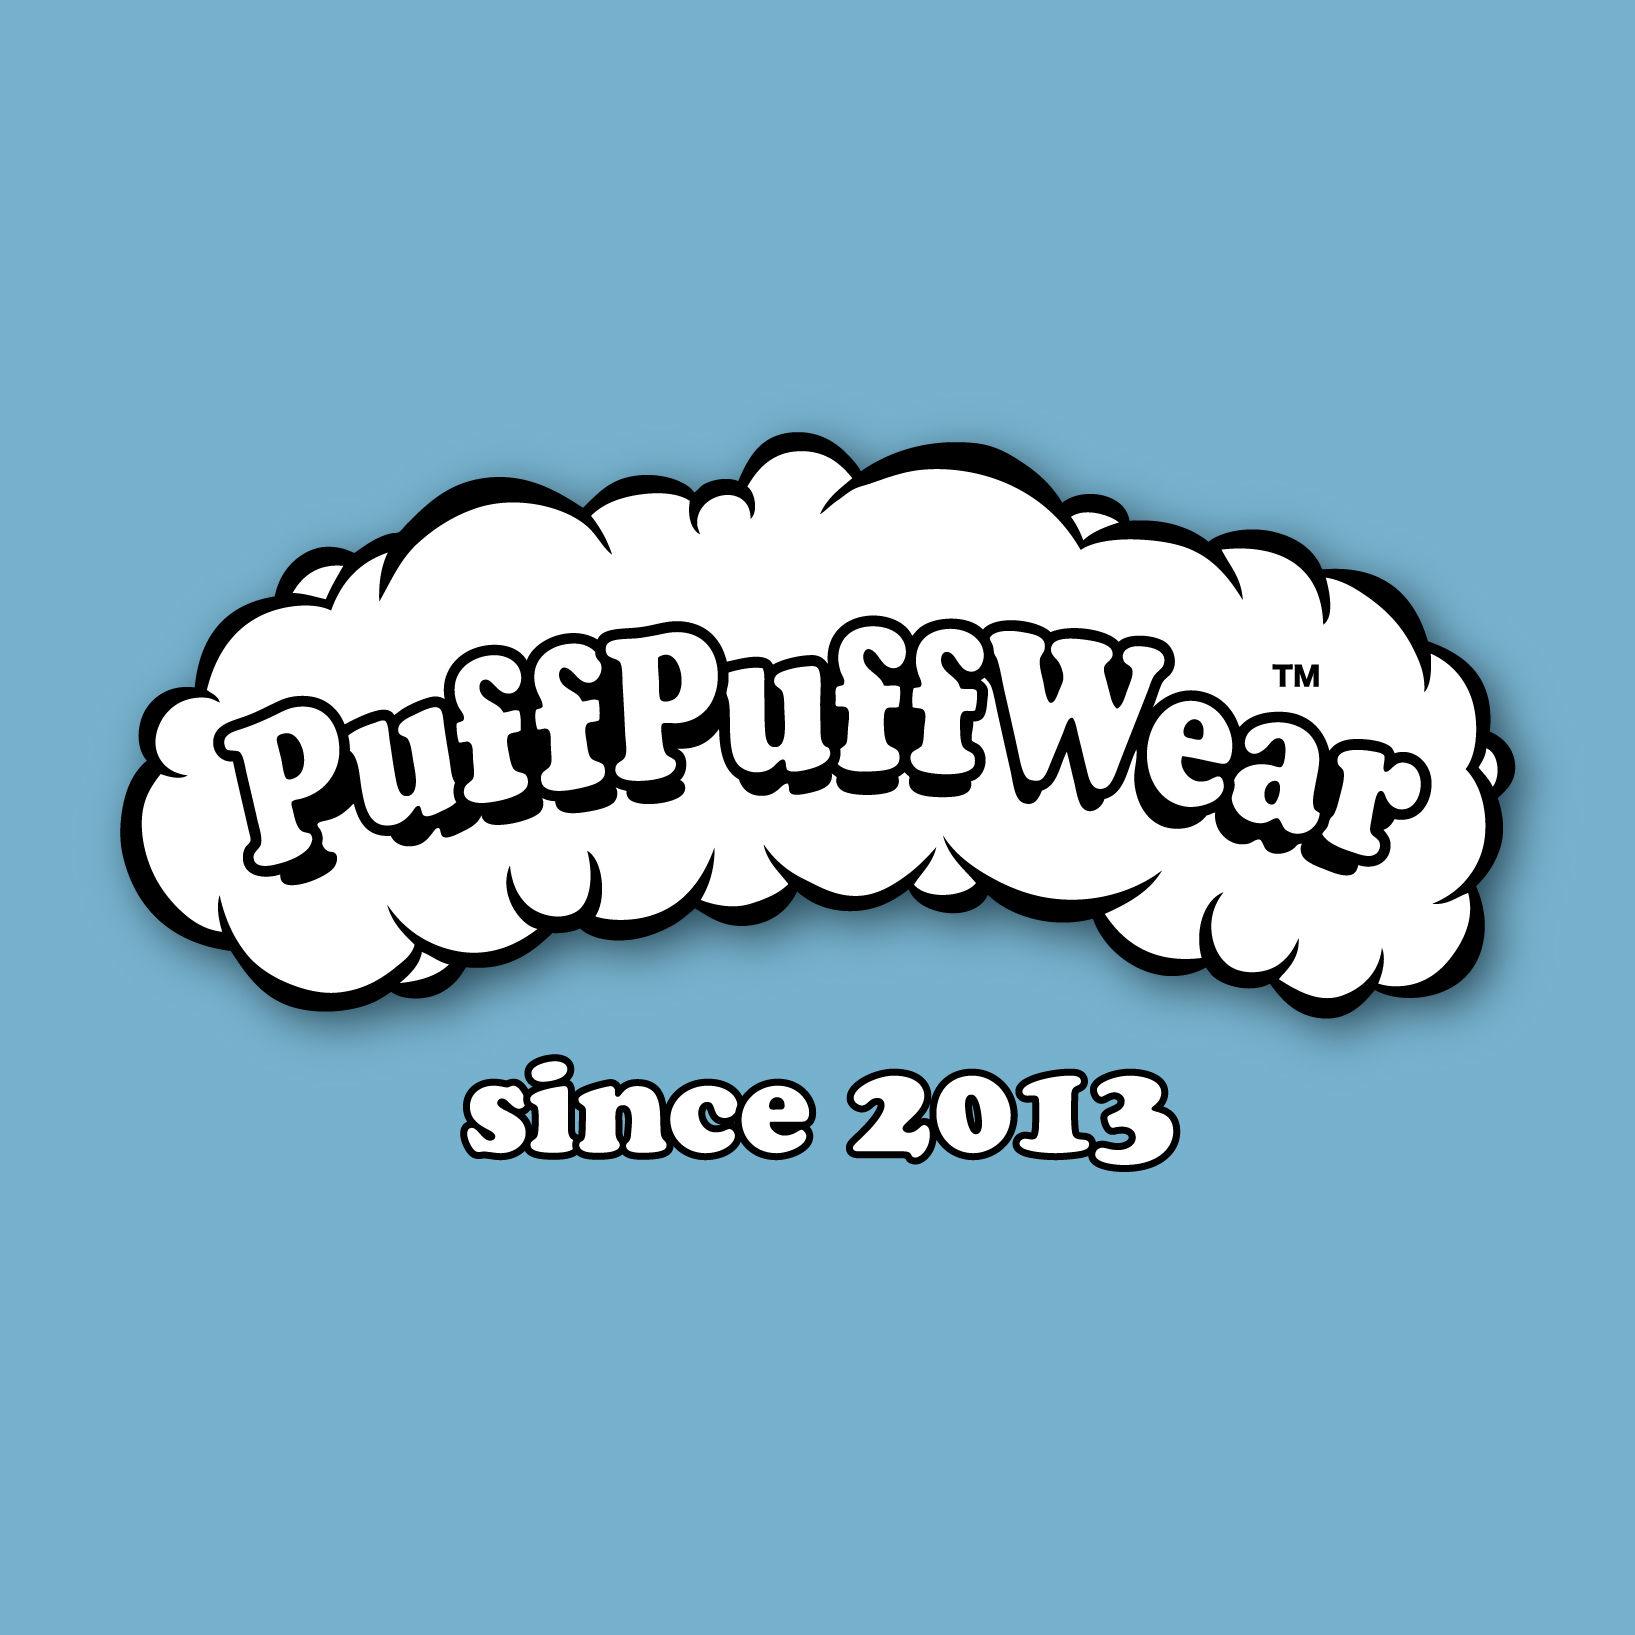 PuffPuffWear